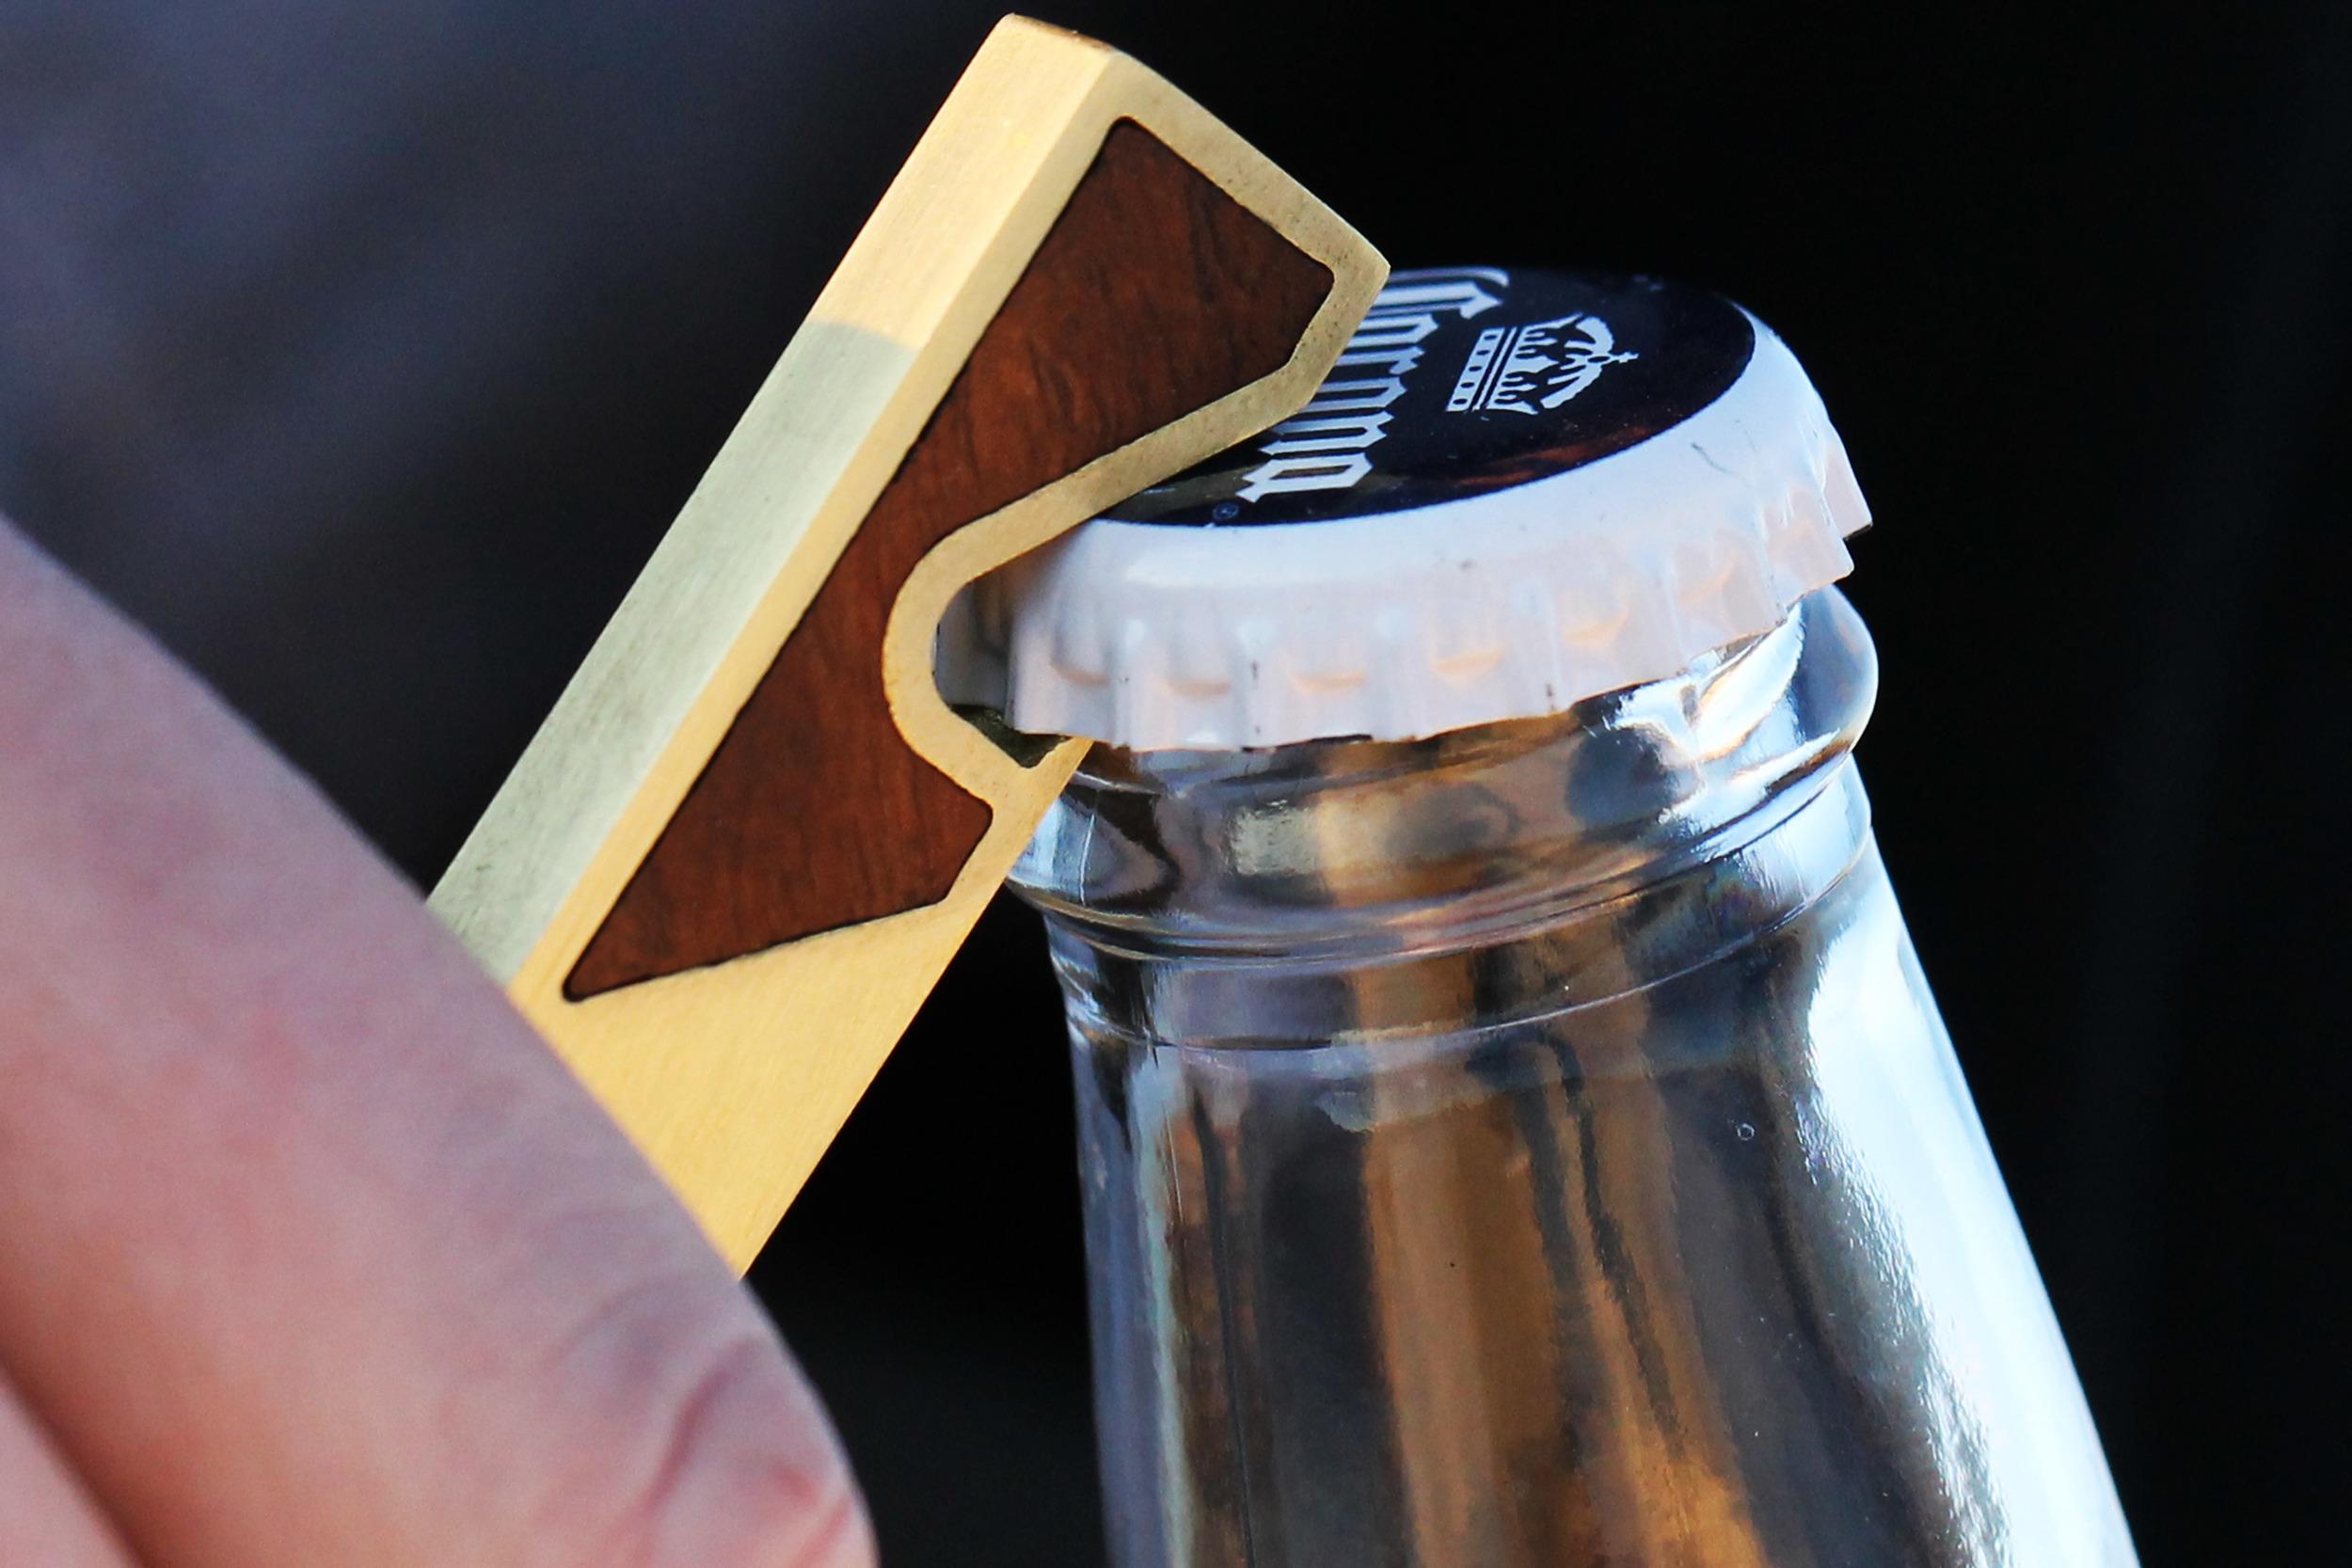 spencer bottle opener_use